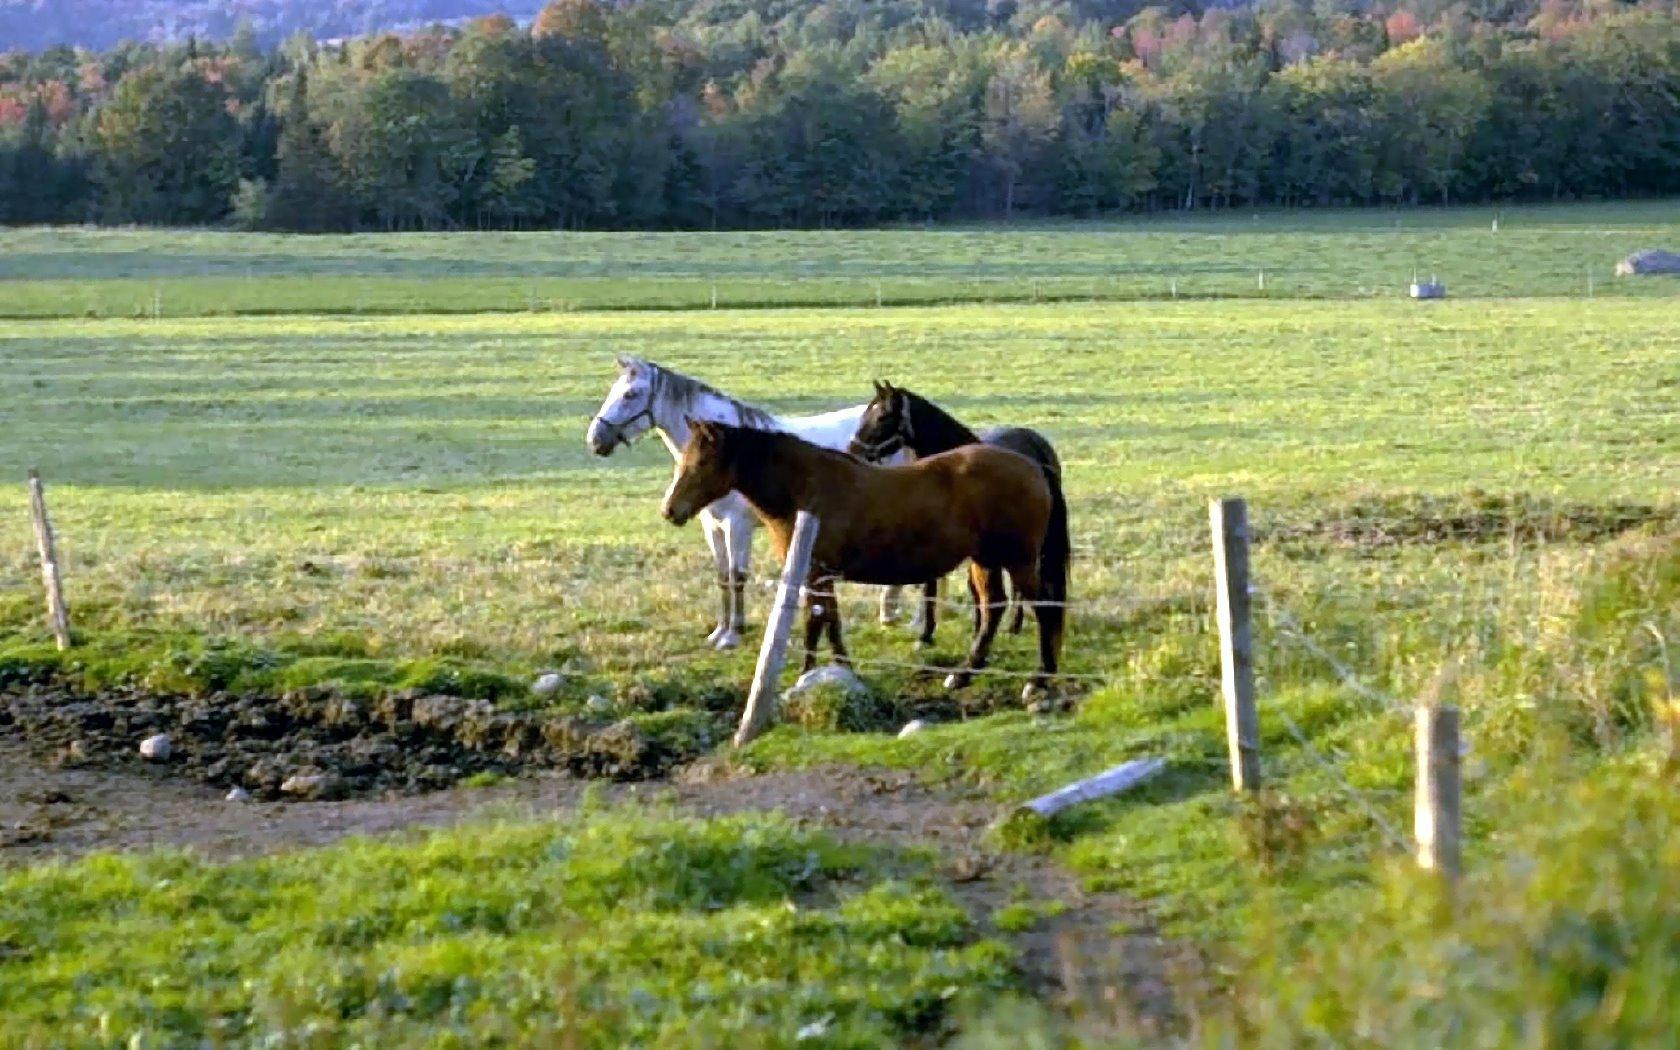 Pferdebilder : pferd 09 from www.bilder-kostenlose.de size 1680 x 1050 jpeg 327kB